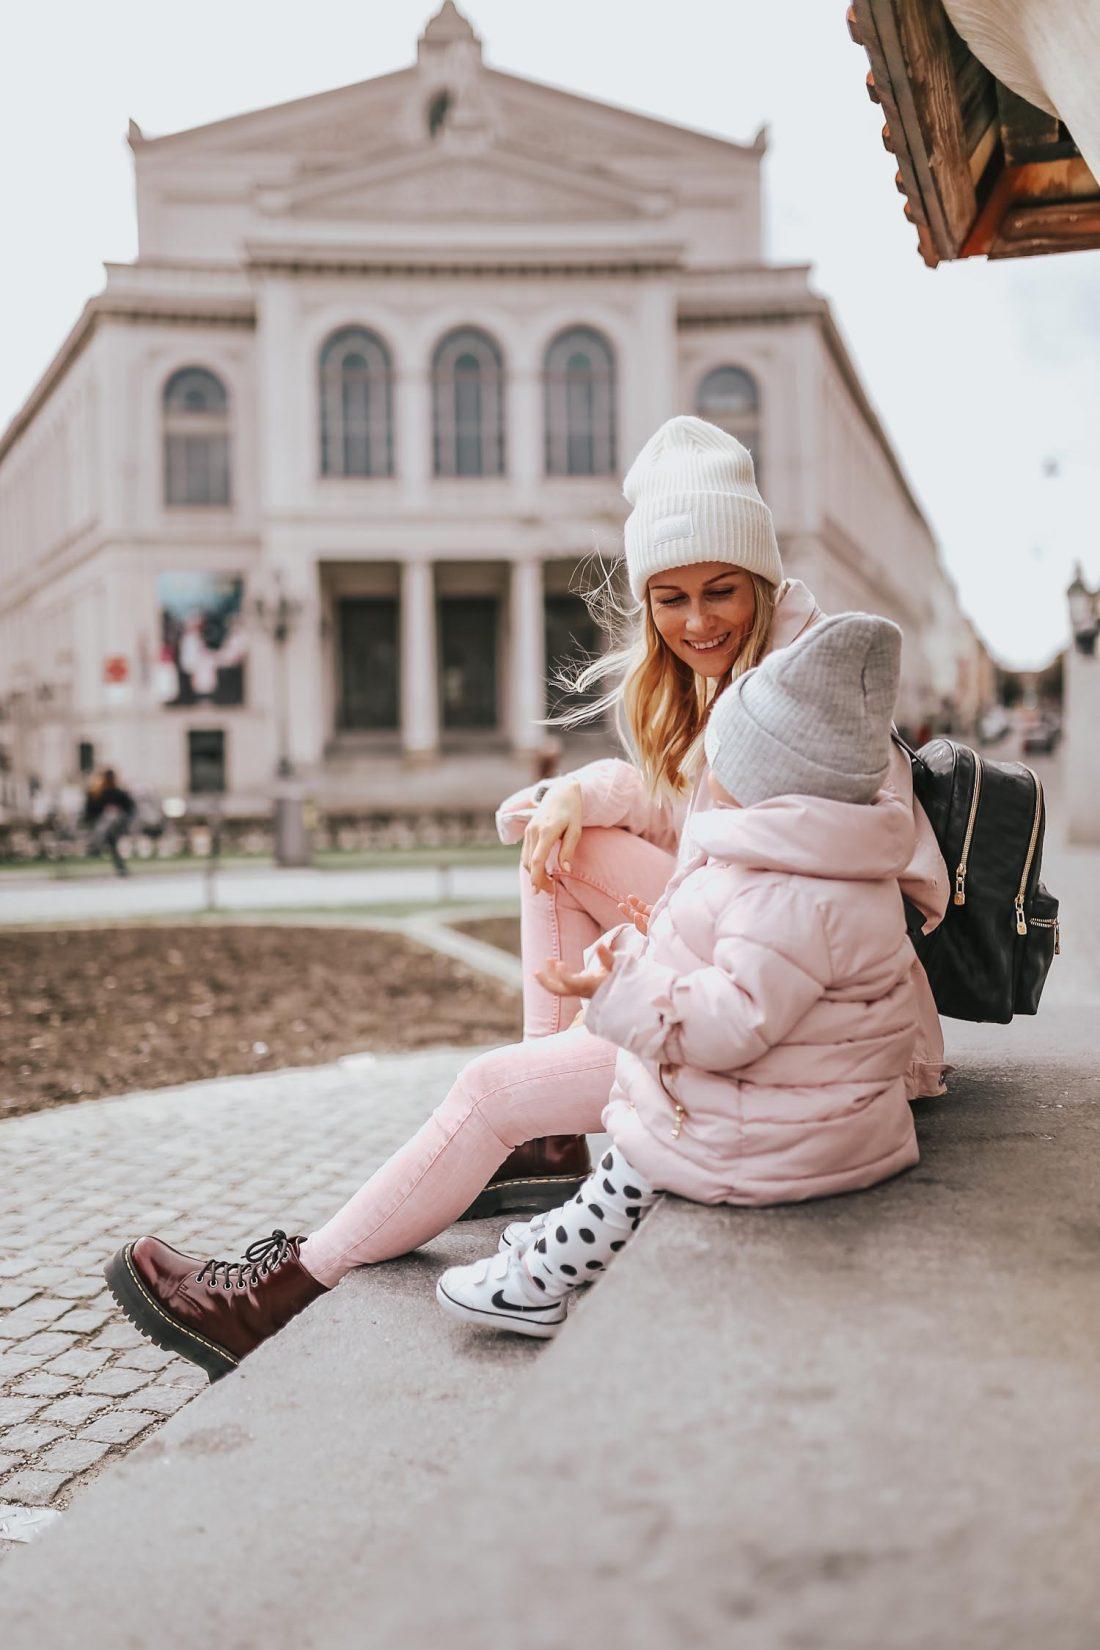 stylingliebe-lifestyleblogger-mamablog-familienblog-muenchen-lifestyleblog-blogger-deutschland-mamablogger-von-mama-klischees-und-anderen-vorurteilen-1-1100x1650